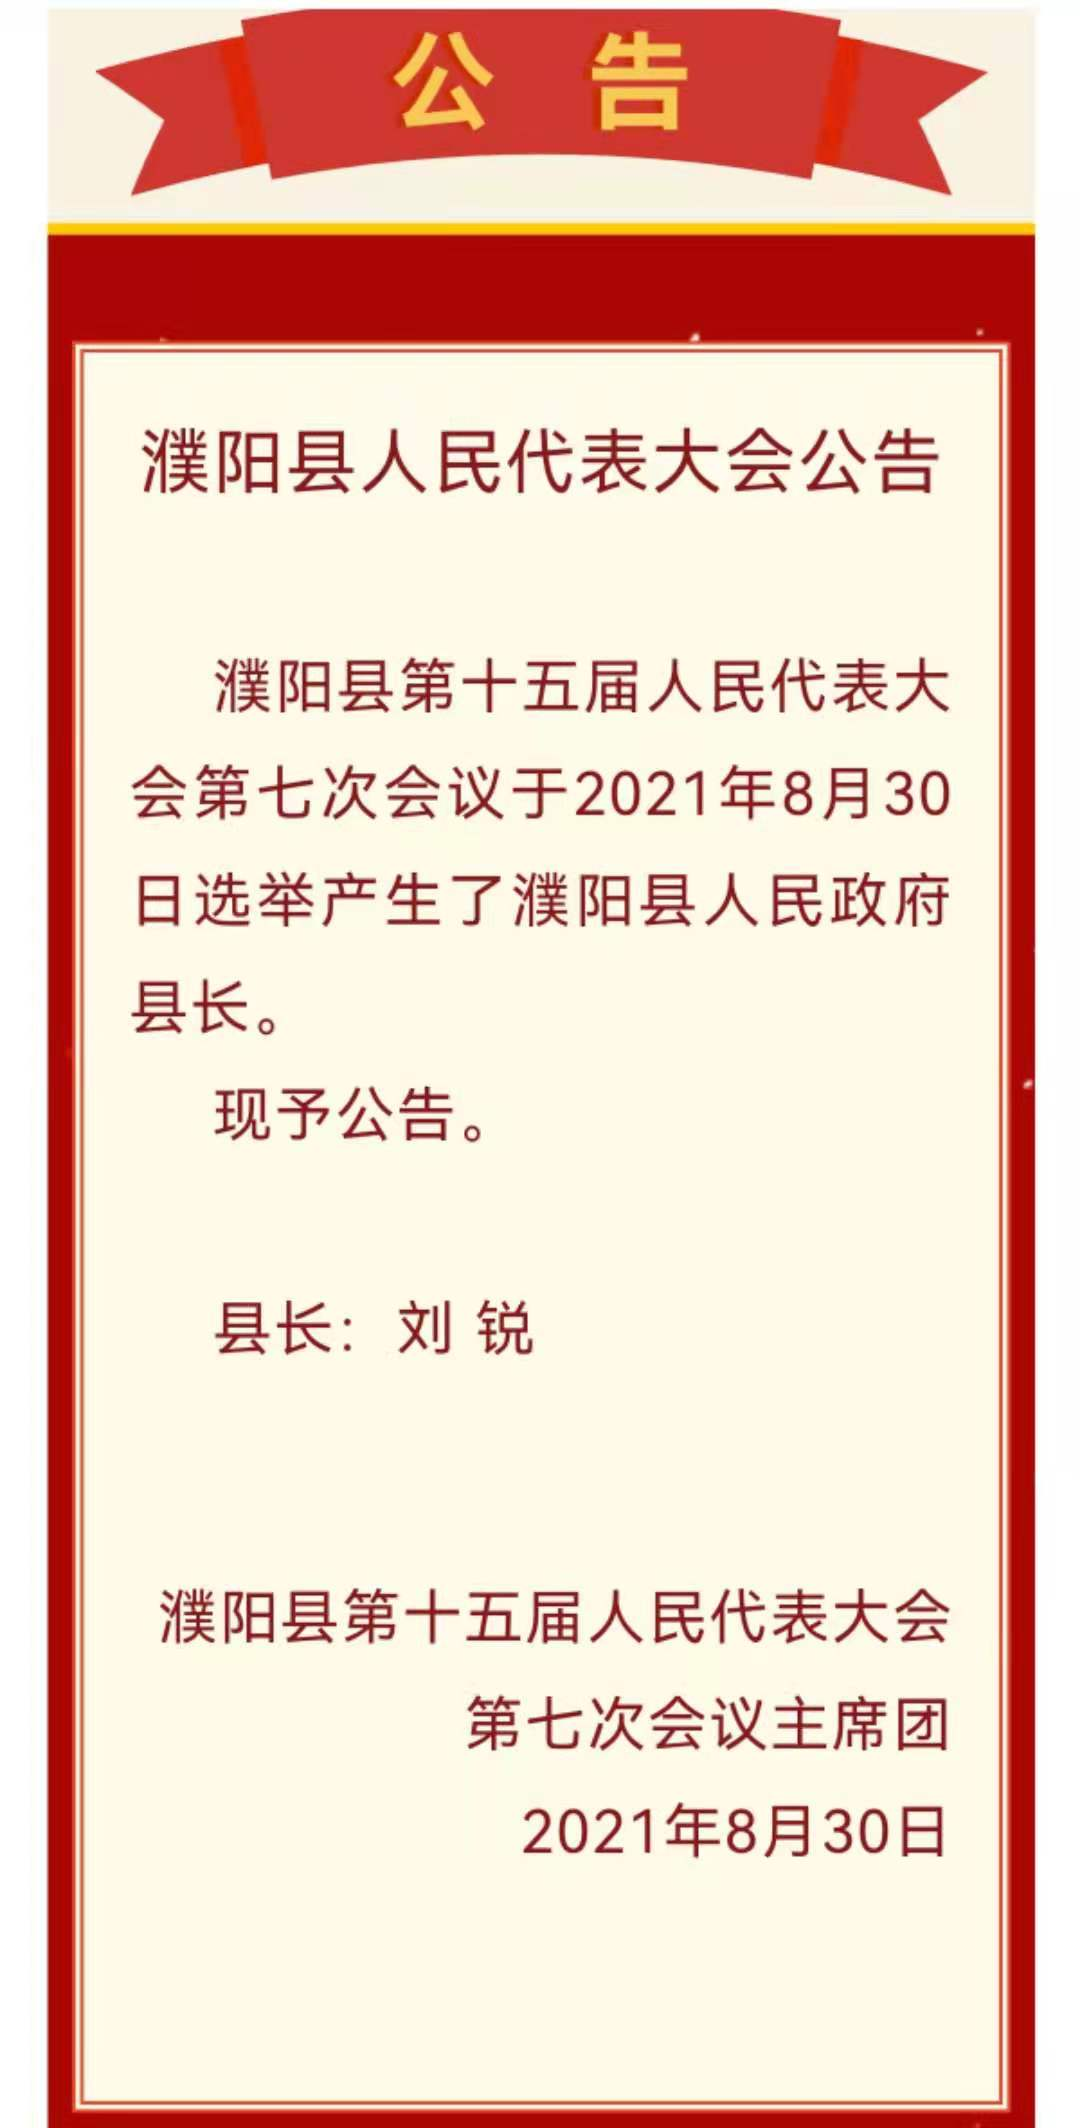 微信图片_20210830200357